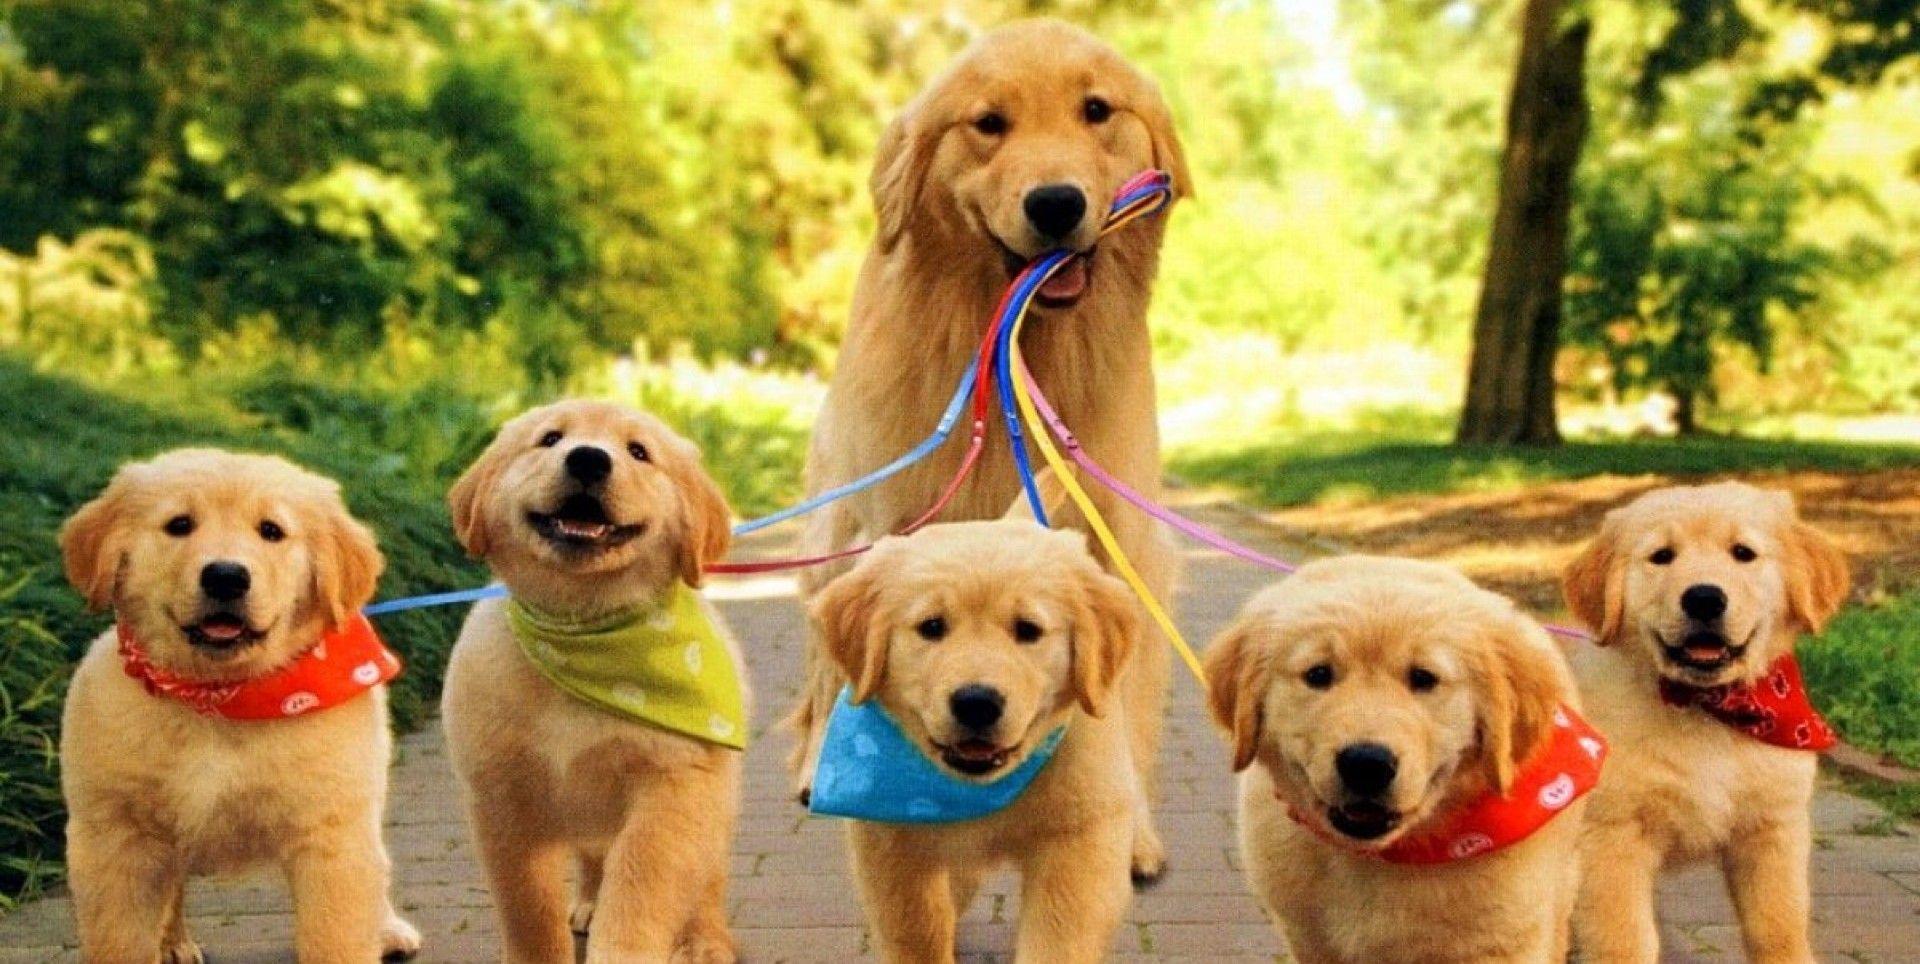 Quando andiamo a passeggiare con loro